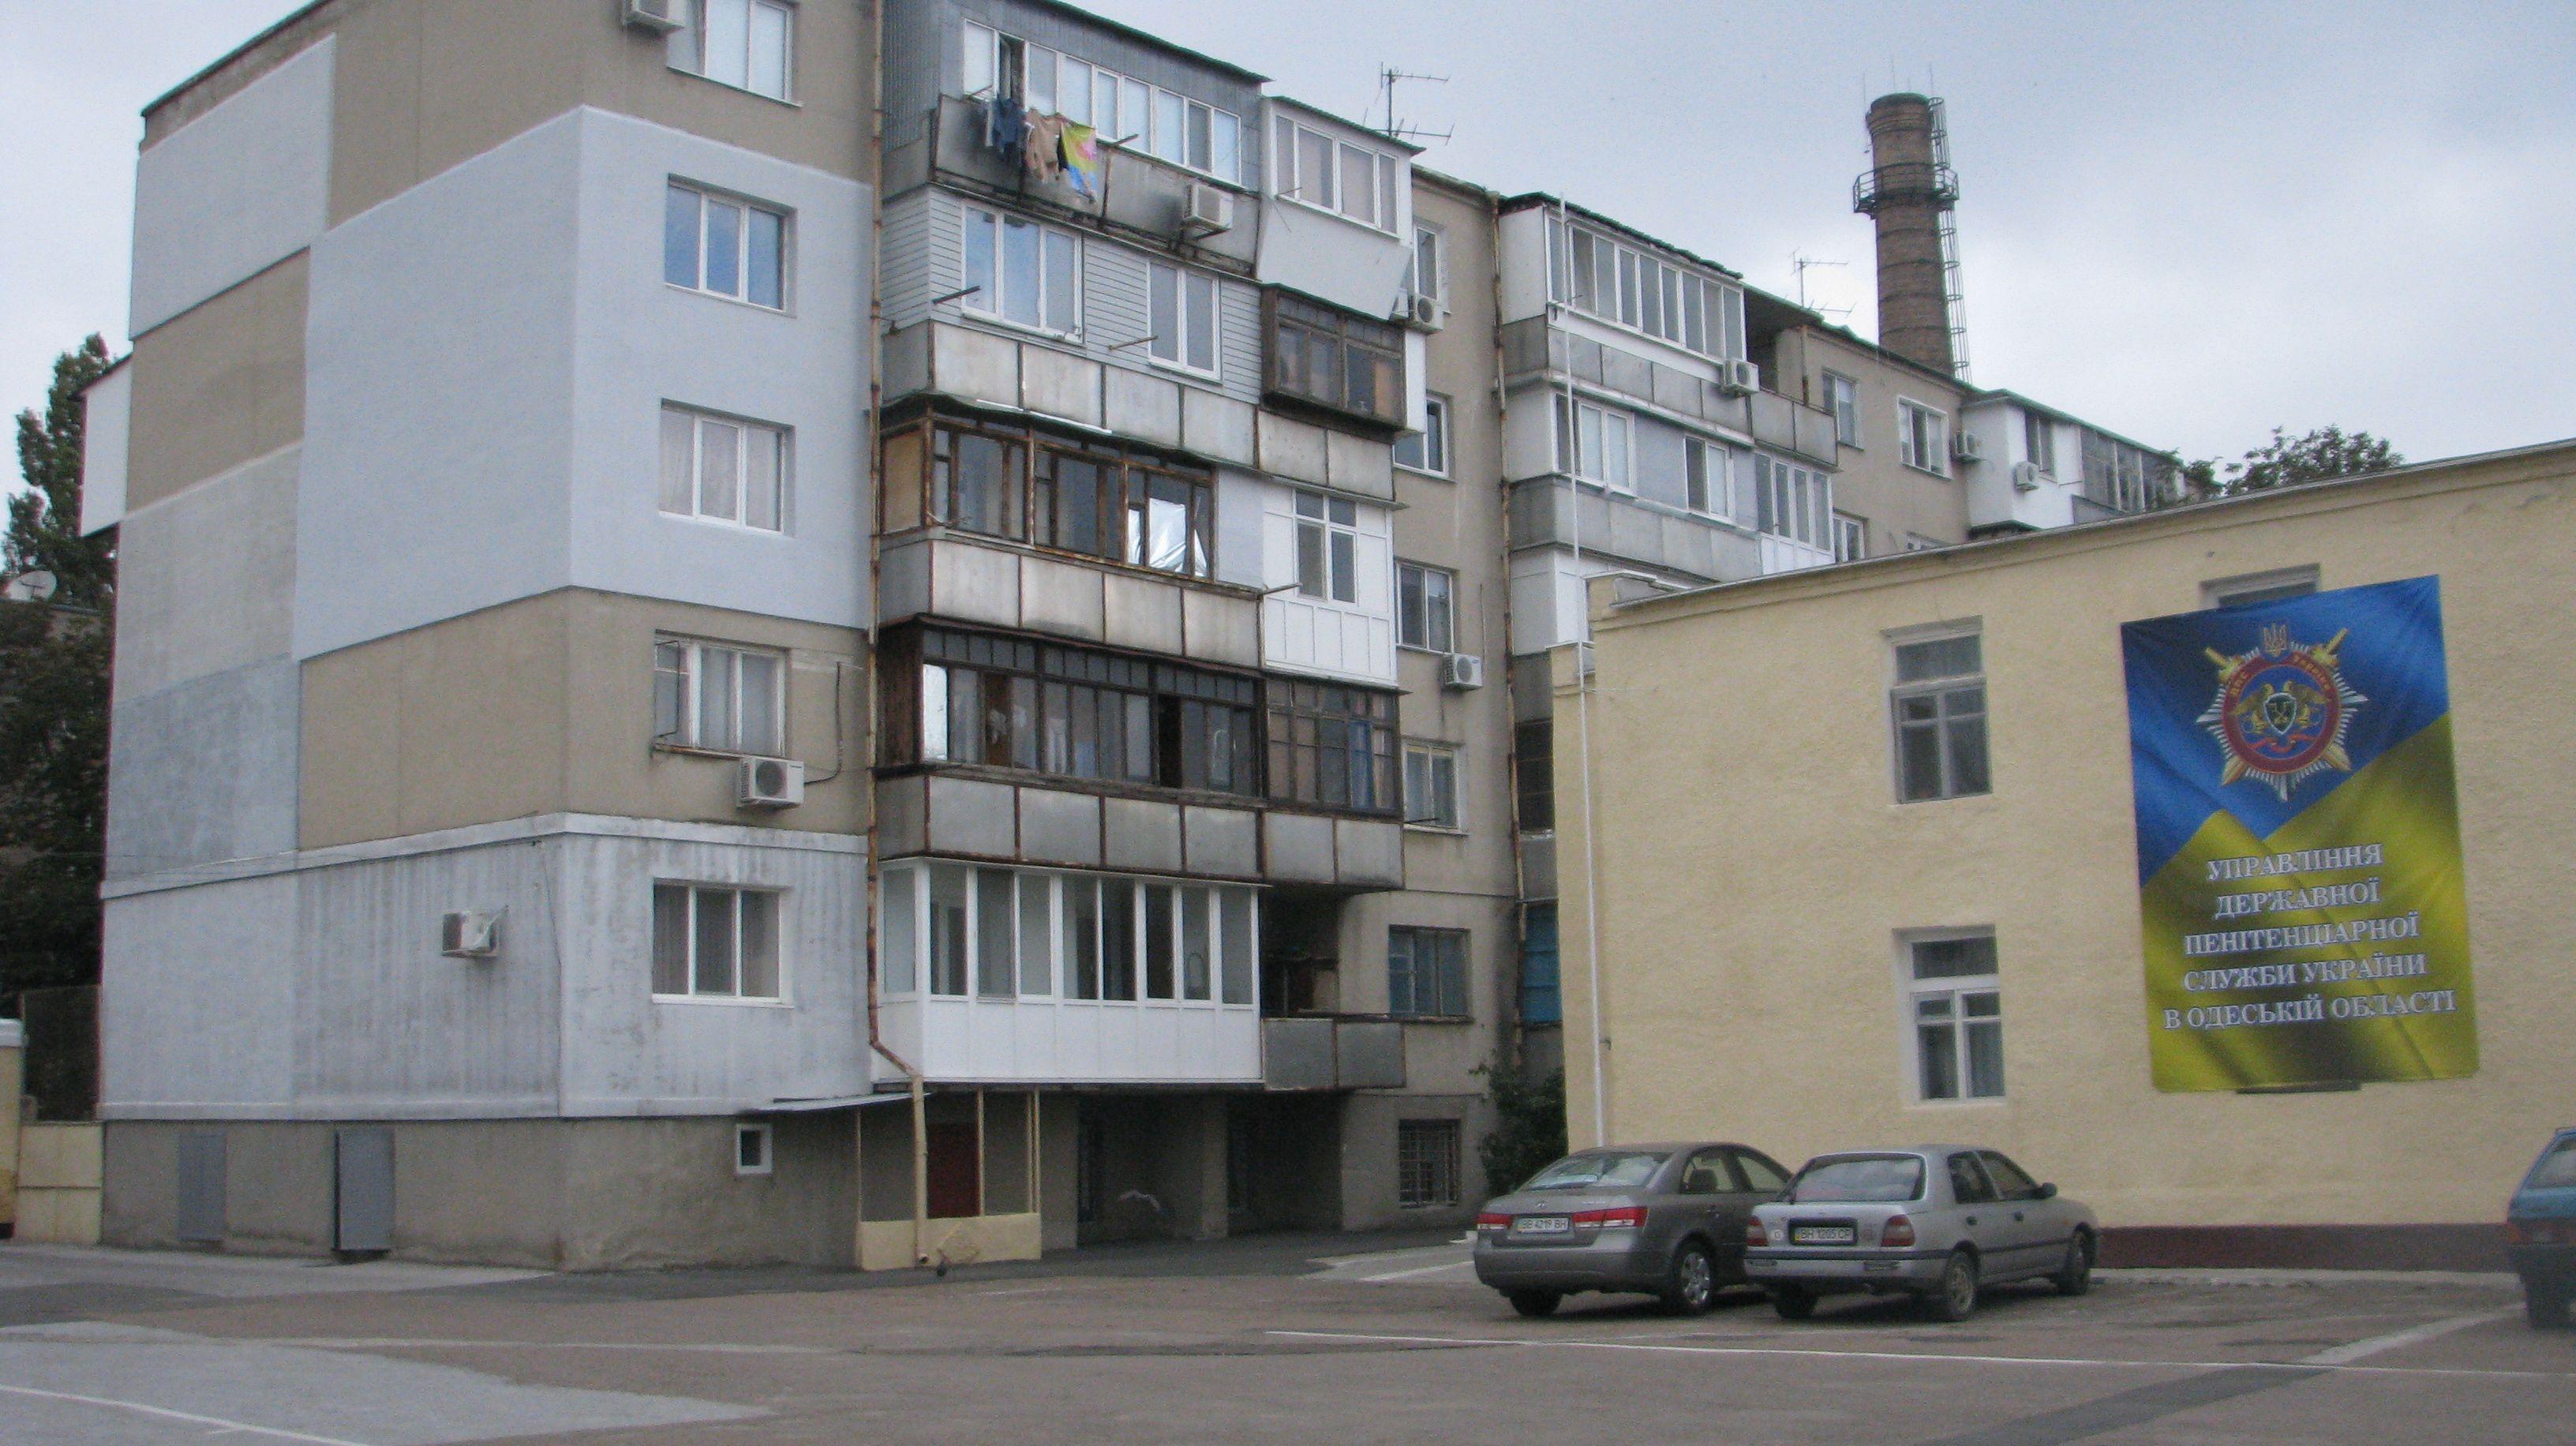 Купить женжину Черноморский пер. девочки по вызову Мытнинский пер.